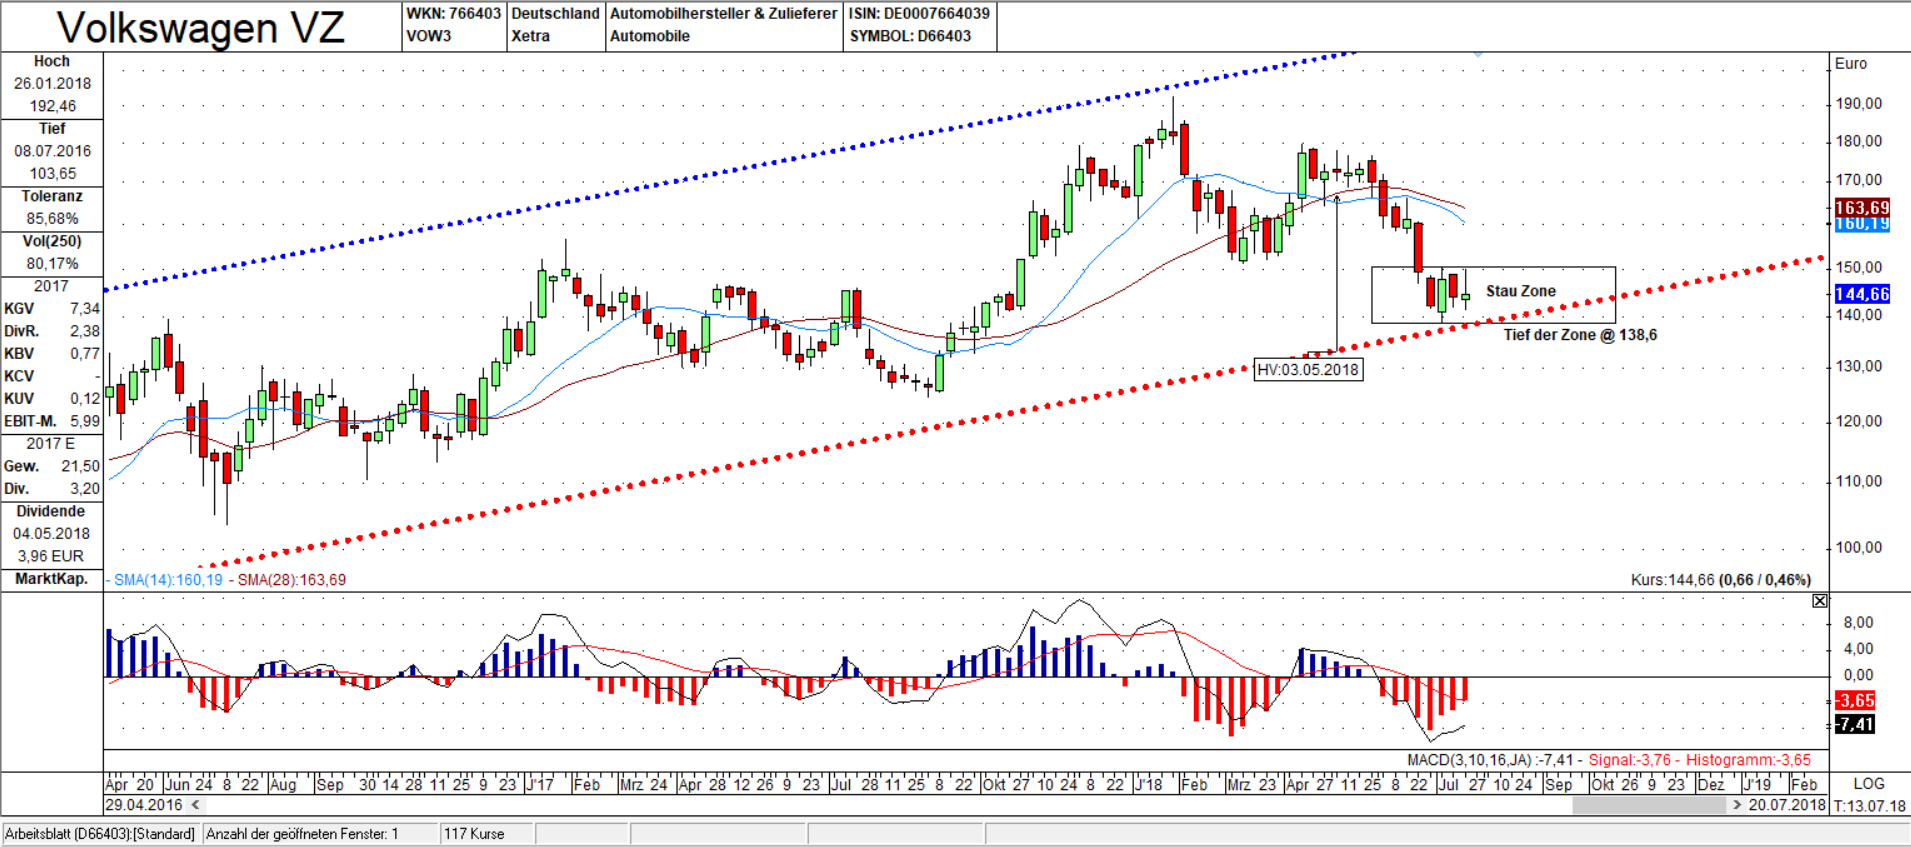 VOW3 Wochen Chart: Aktie innerhalb Stauzone